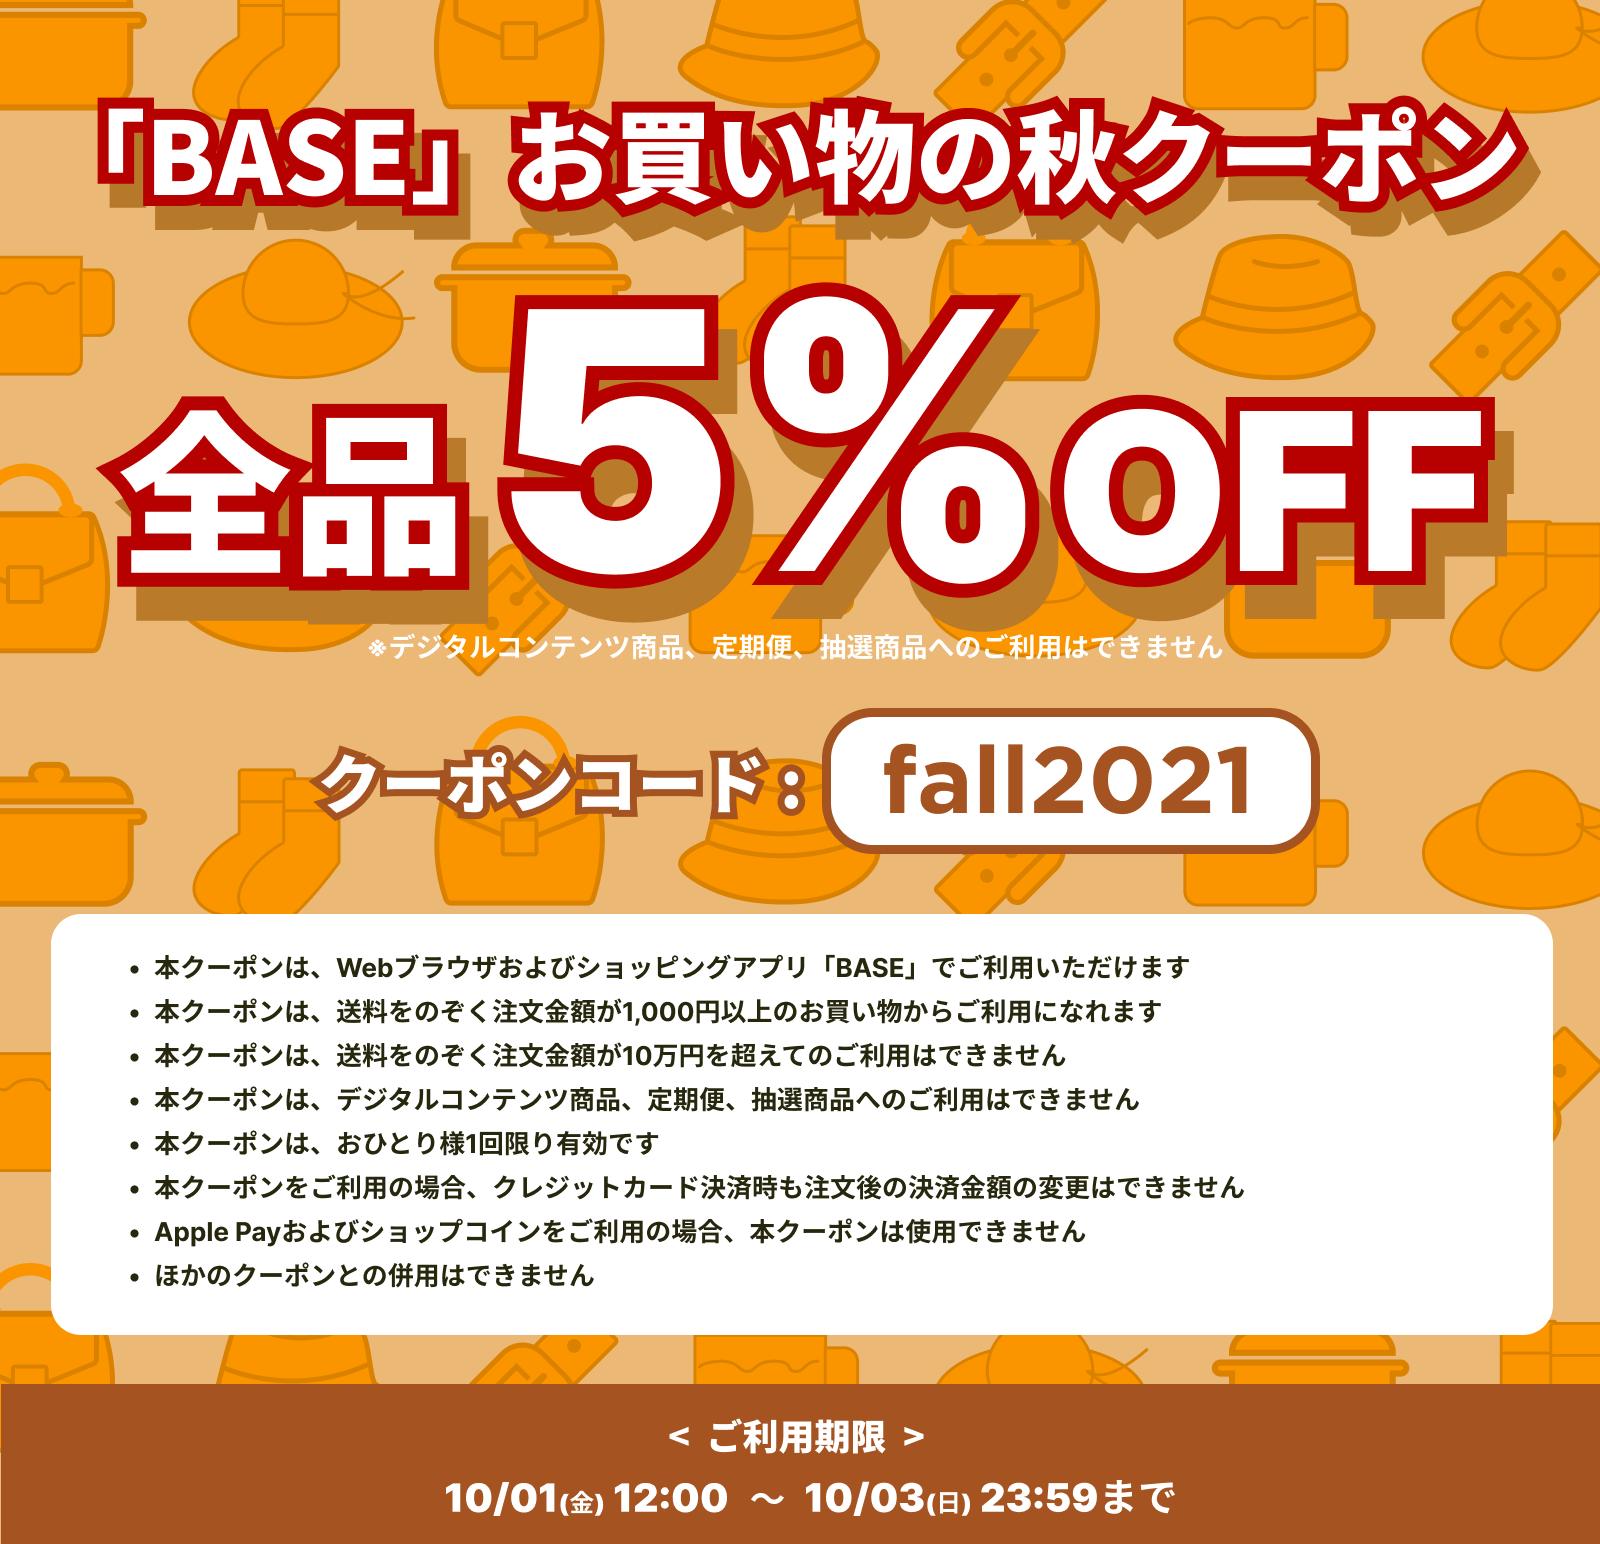 *3日間限定!5%off お買い物の秋クーポン配布中!*